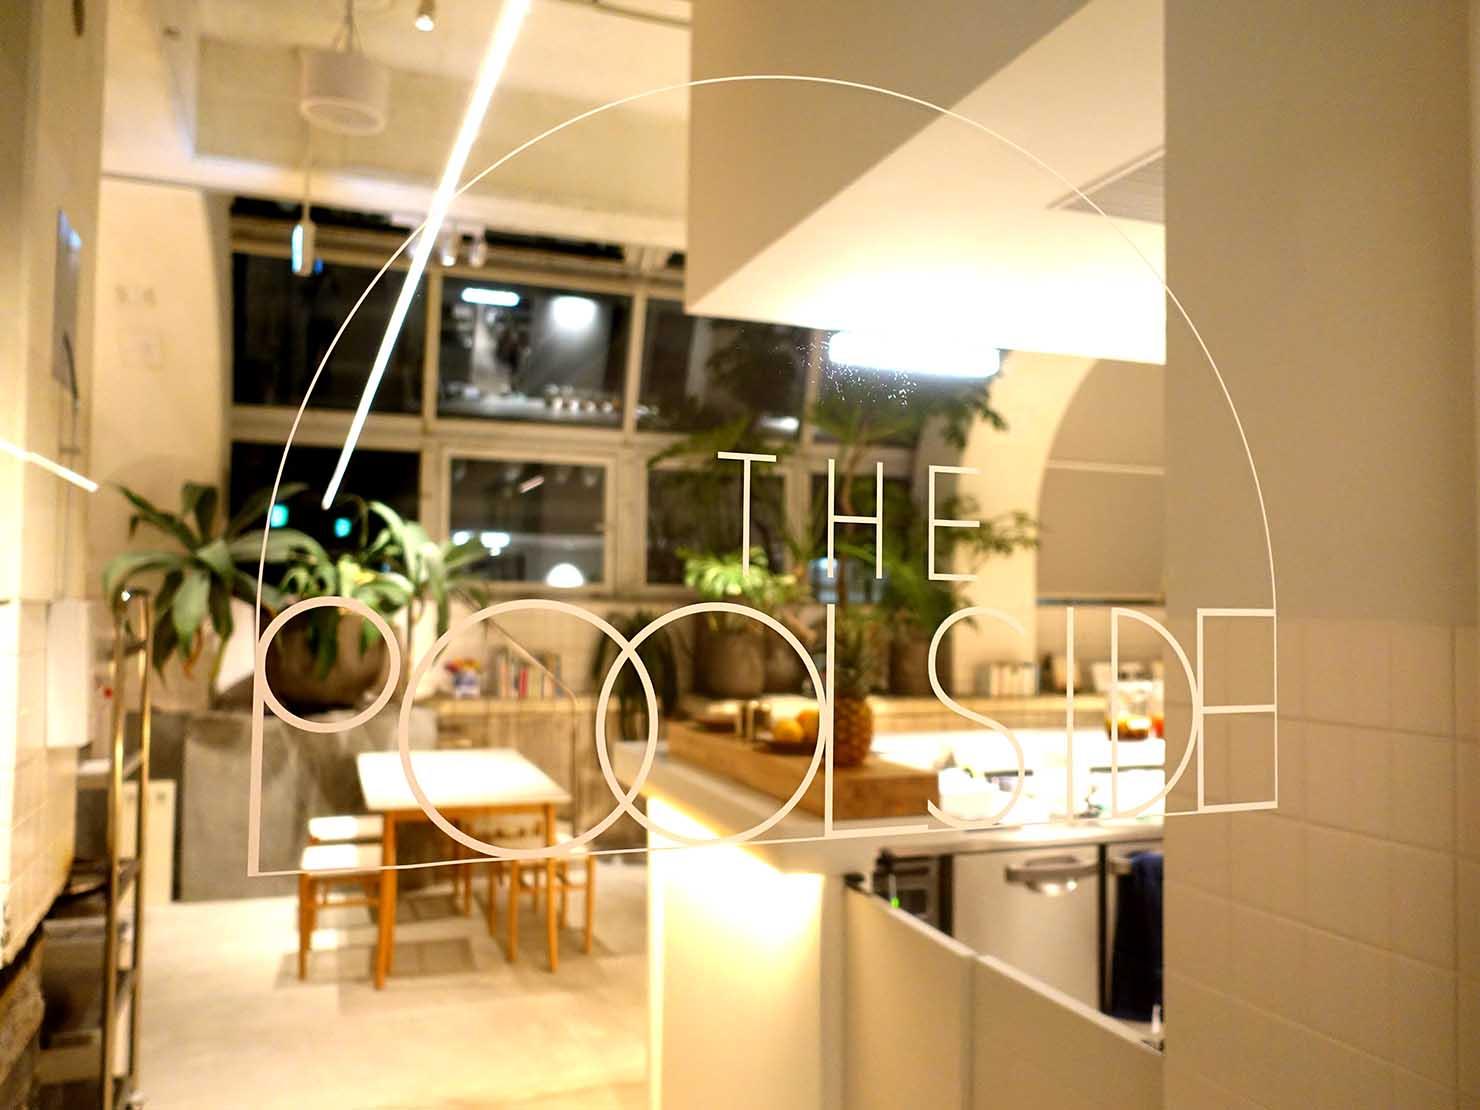 広島・八丁堀のおしゃれなリノベホテル「KIRO広島 The Share Hotels」のダイニング・THE POOLSIDEの夜